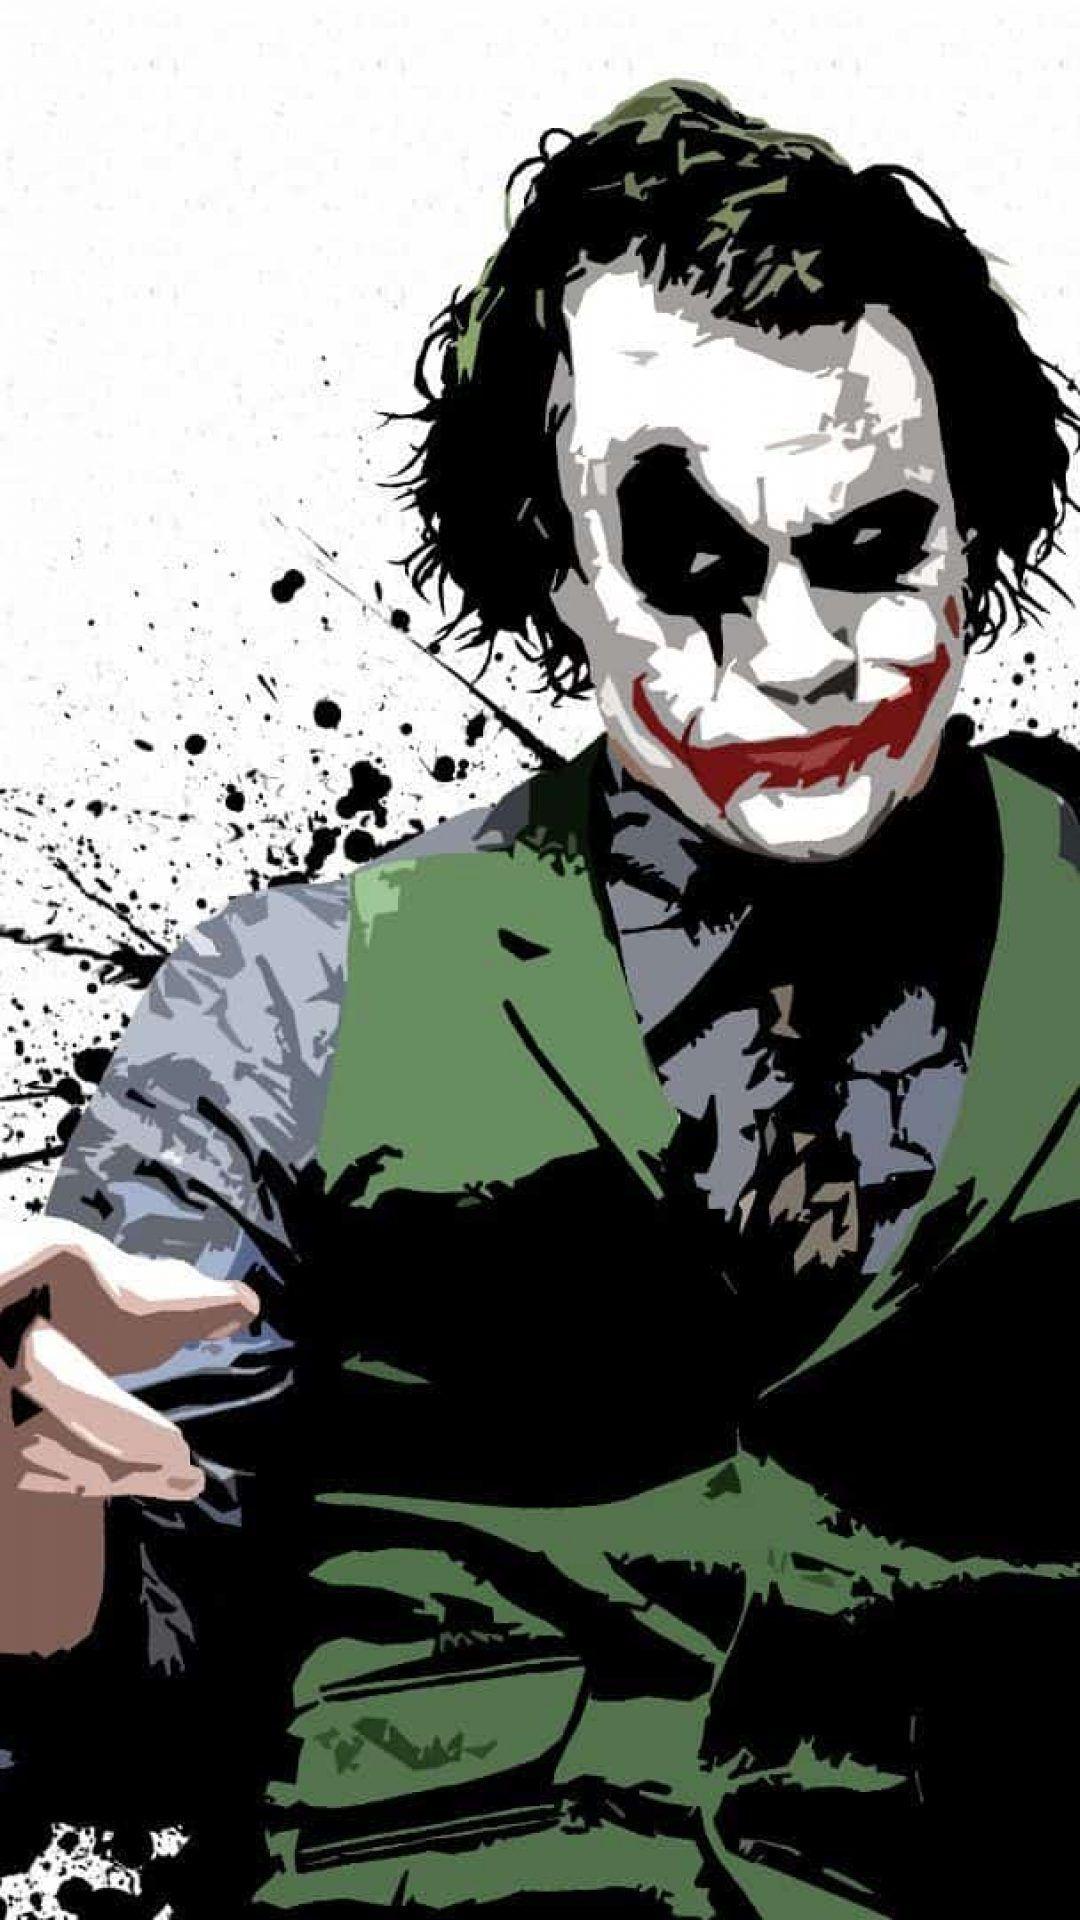 Joker Wallpapers For Mobile - Wallpaper Cave, joker mobile ...